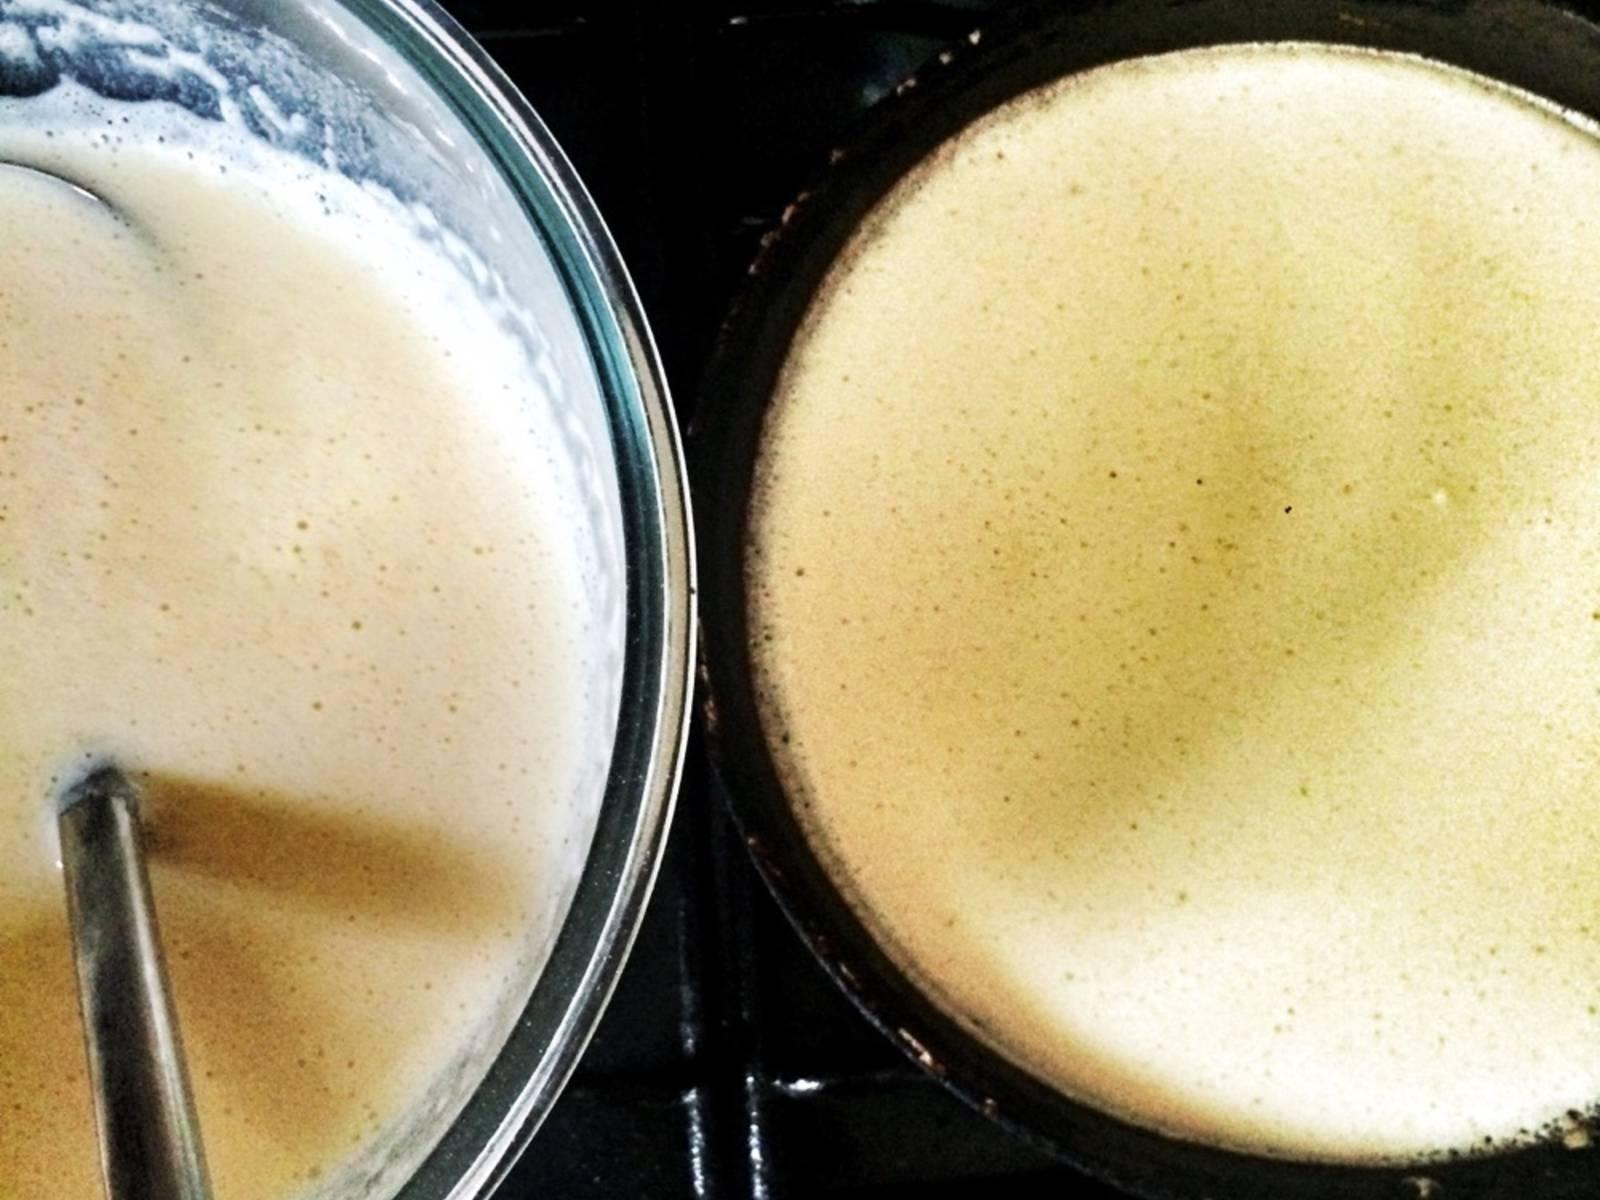 Es ist Zeit, die Pfannkuchen zu braten! Die Pfanne sollte sehr heiß sein. Pfanne mit etwas Öl einfetten (dazu am besten einen Silikonpinsel verwenden) und etwas Teig in die Pfanne gießen. Gesamte Fläche füllen. Ca. 2 Min. auf jeder Seite braten und fertig ist der erste Pfannkuchen. Wiederholen, bis Teig aufgebraucht ist.